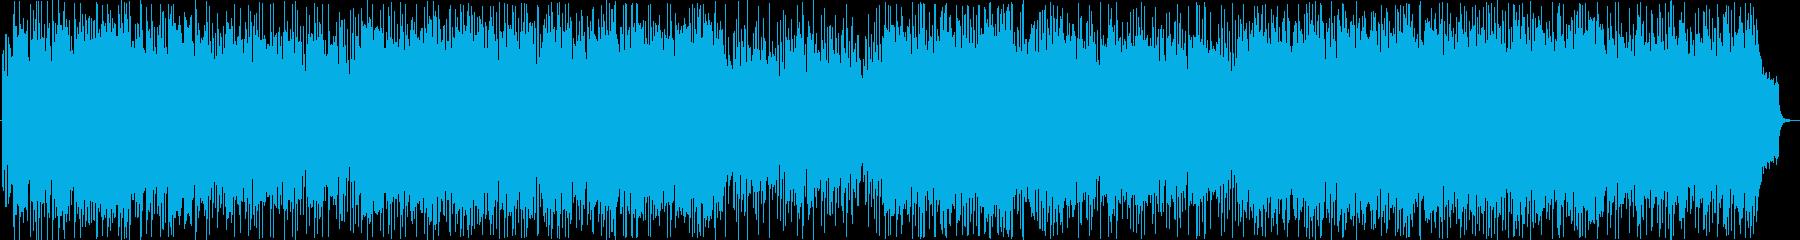 尺八の明るく元気な和風ポップの再生済みの波形